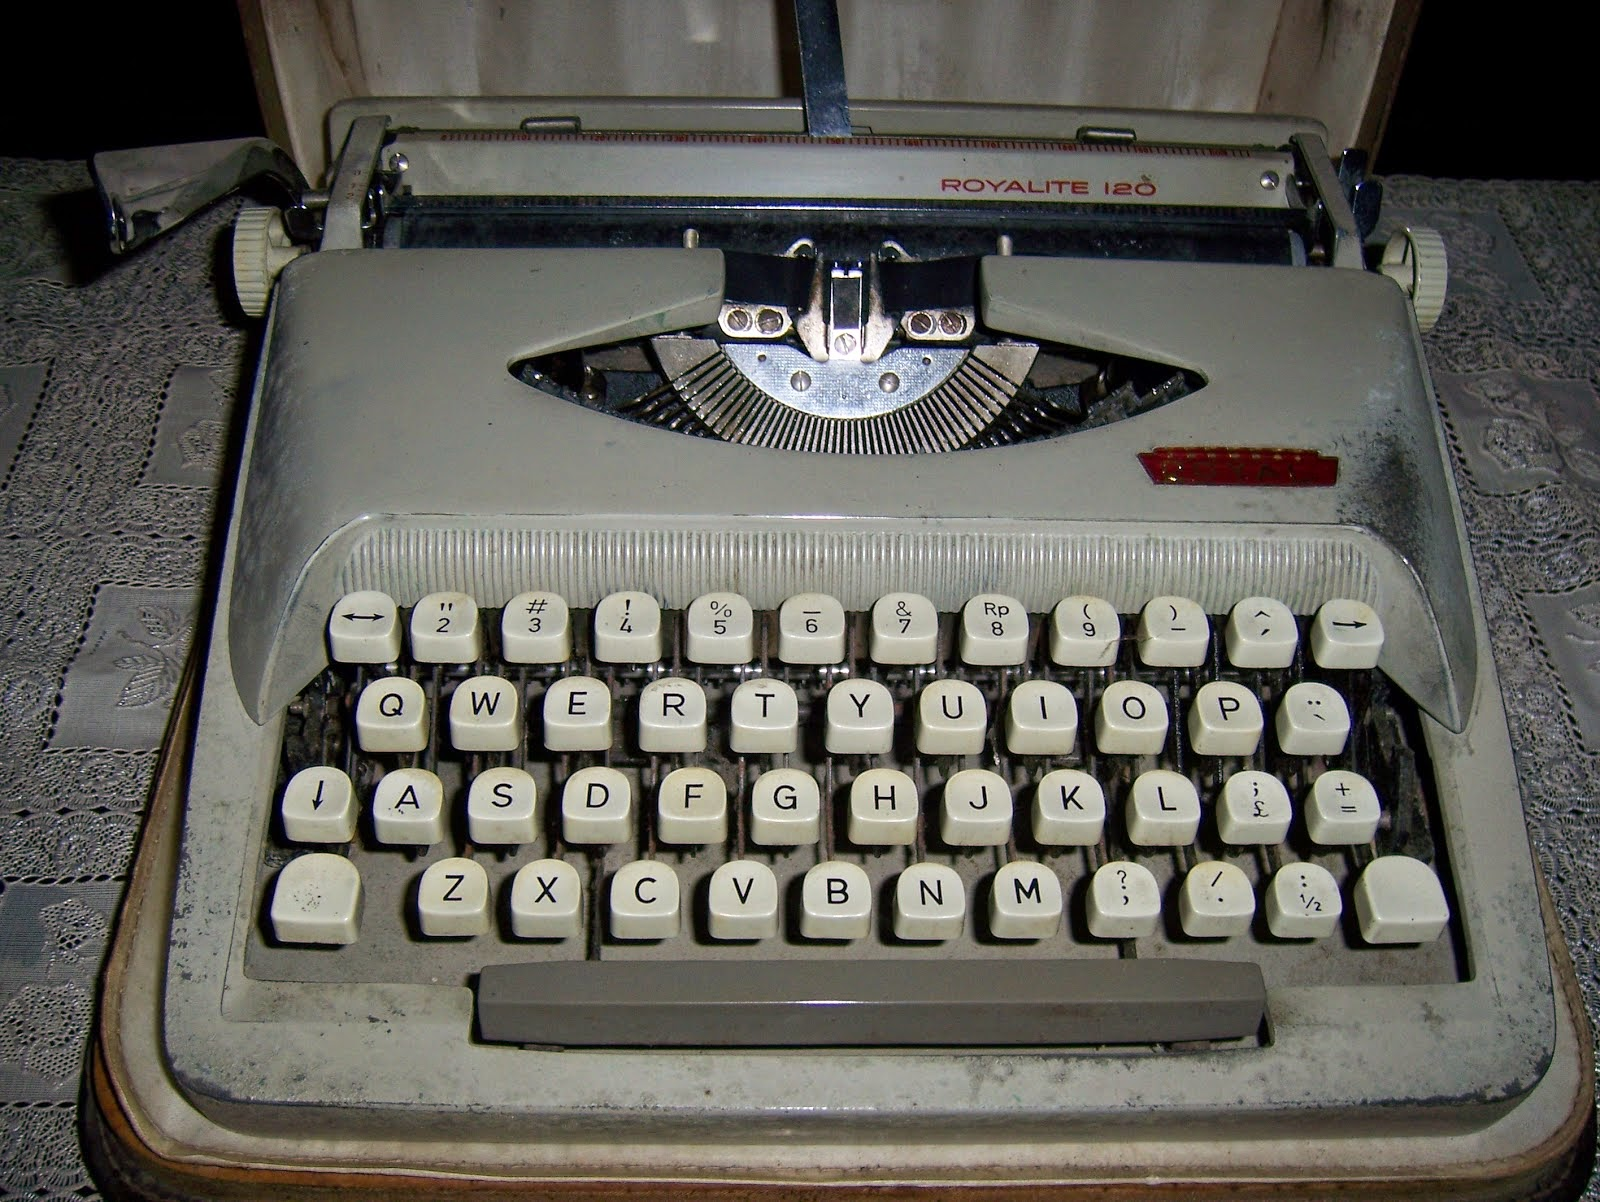 Sejarah Papan Keyboard QWERTY